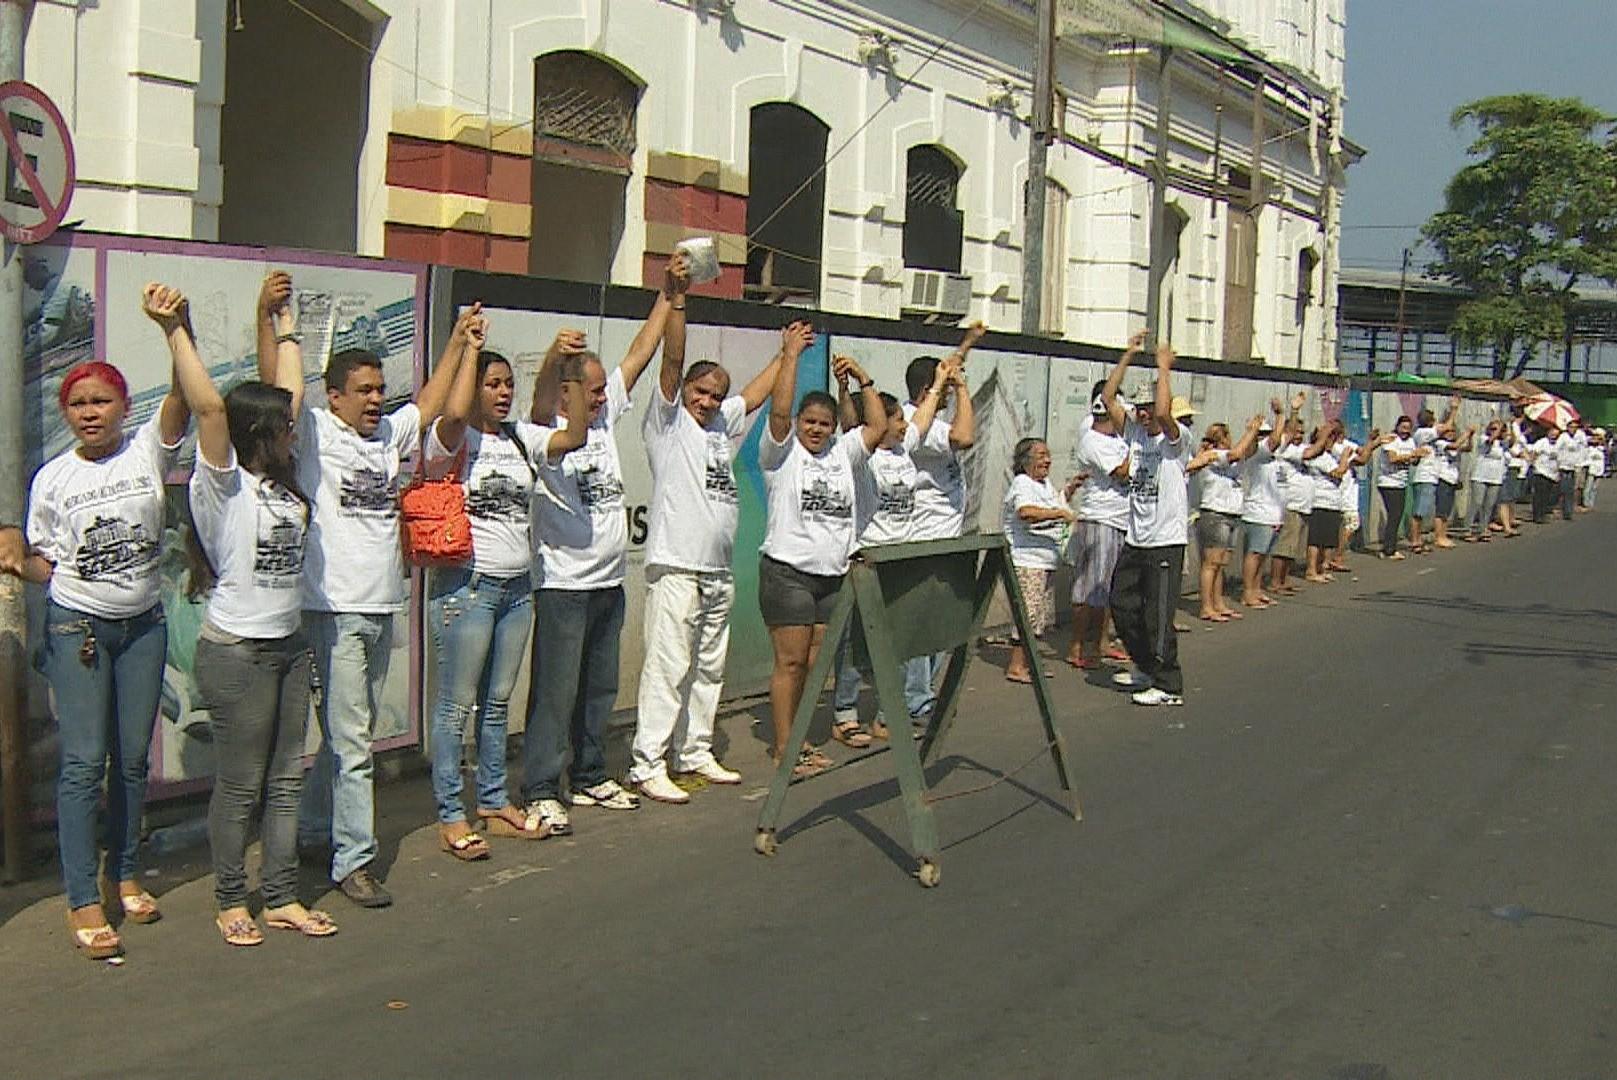 'Abraço simbólico' cobra conclusão de obras de mercado de Manaus (Foto: Jornal do Amazonas)